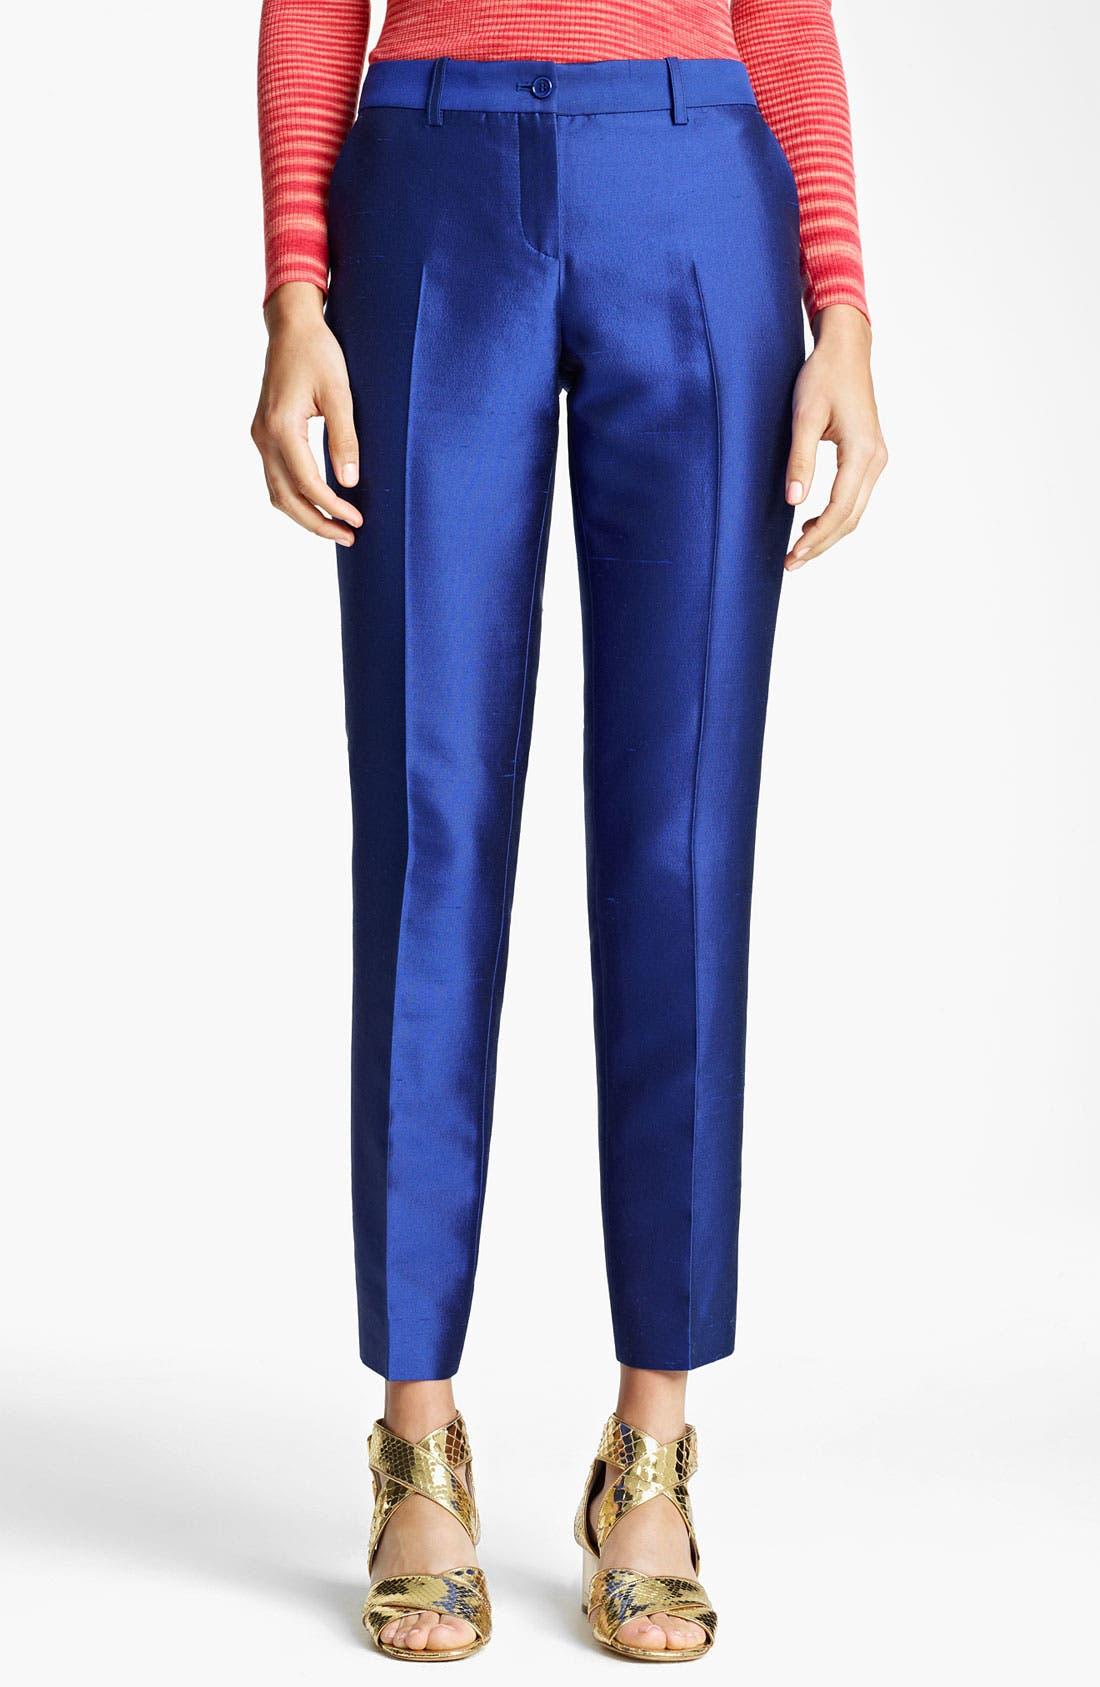 Alternate Image 1 Selected - Michael Kors Shantung Pants